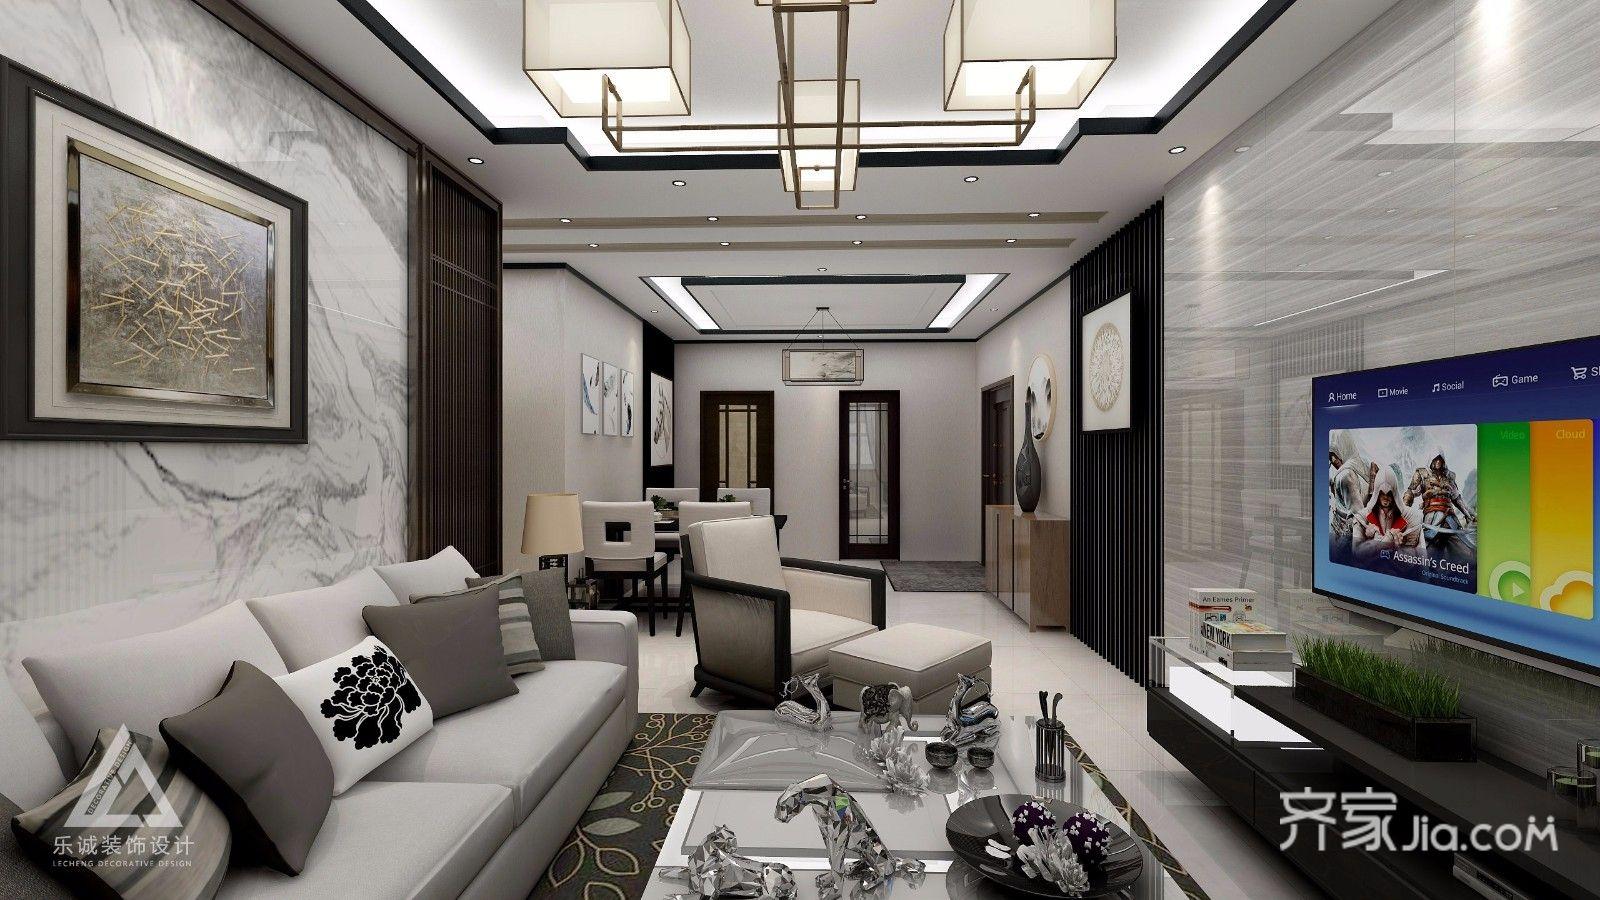 客厅 新中式风格,横木纹瓷砖,竖格栅木质花格混搭影视墙,搭配黑色